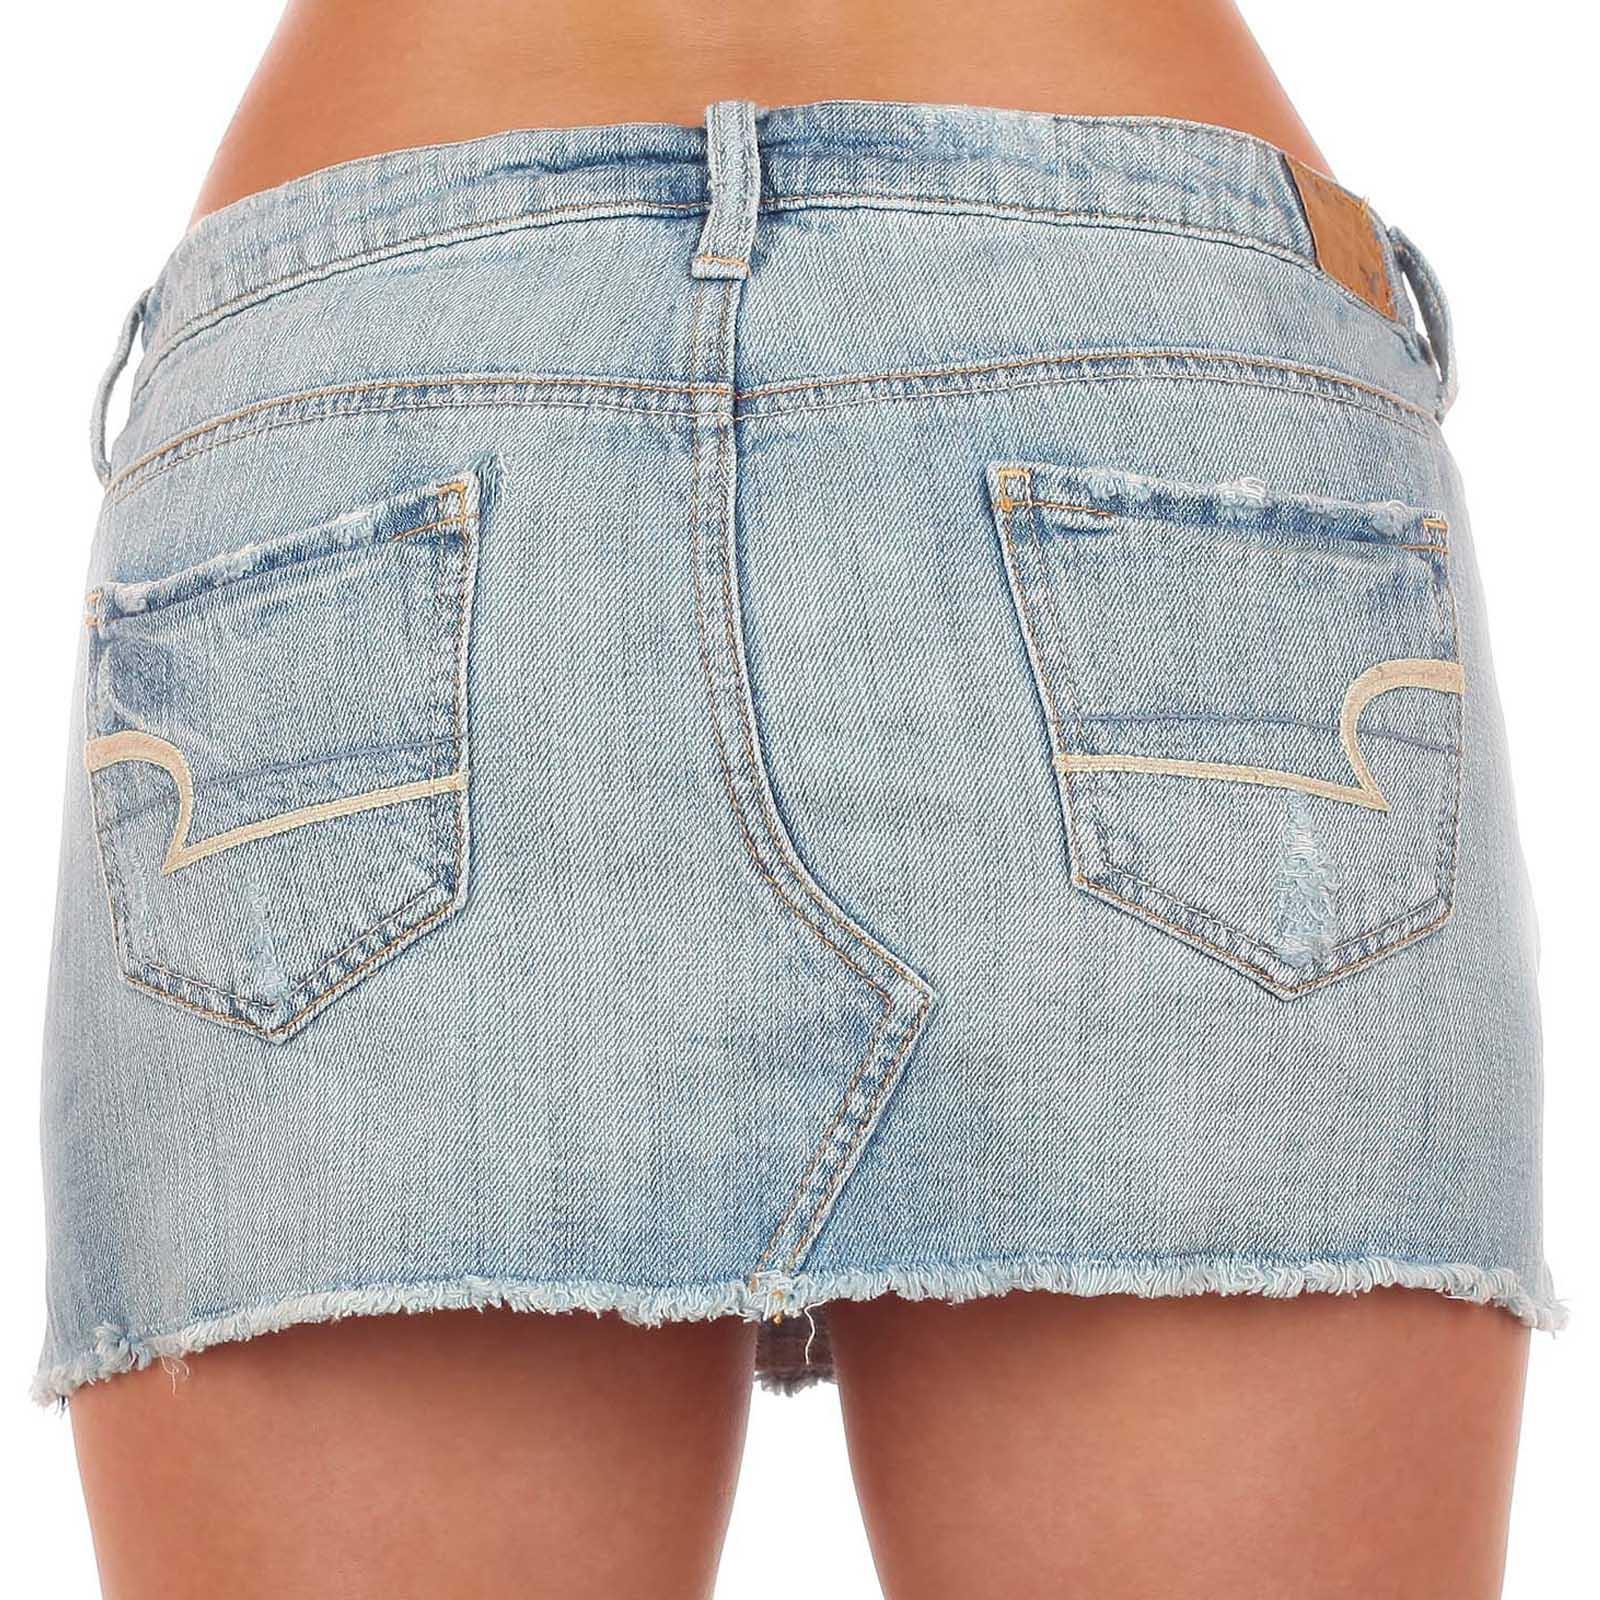 Лучшая джинсовая юбочка в твоем городе от American Eagle®. ОСТОРОЖНО! Возбуждает мужчин!